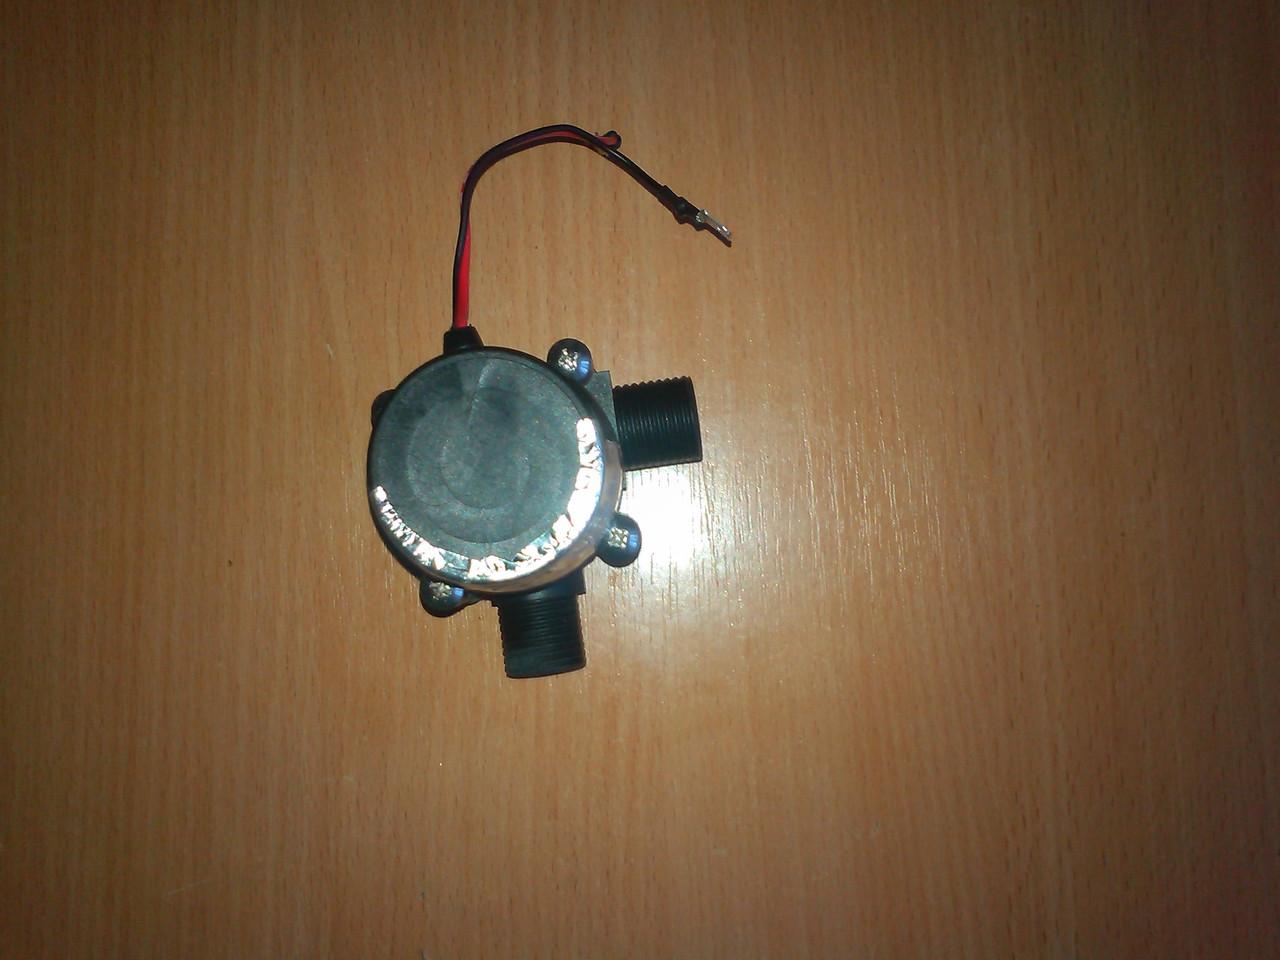 Гидрогенератор газовой колонкиTermet Aqua Power 19-02.